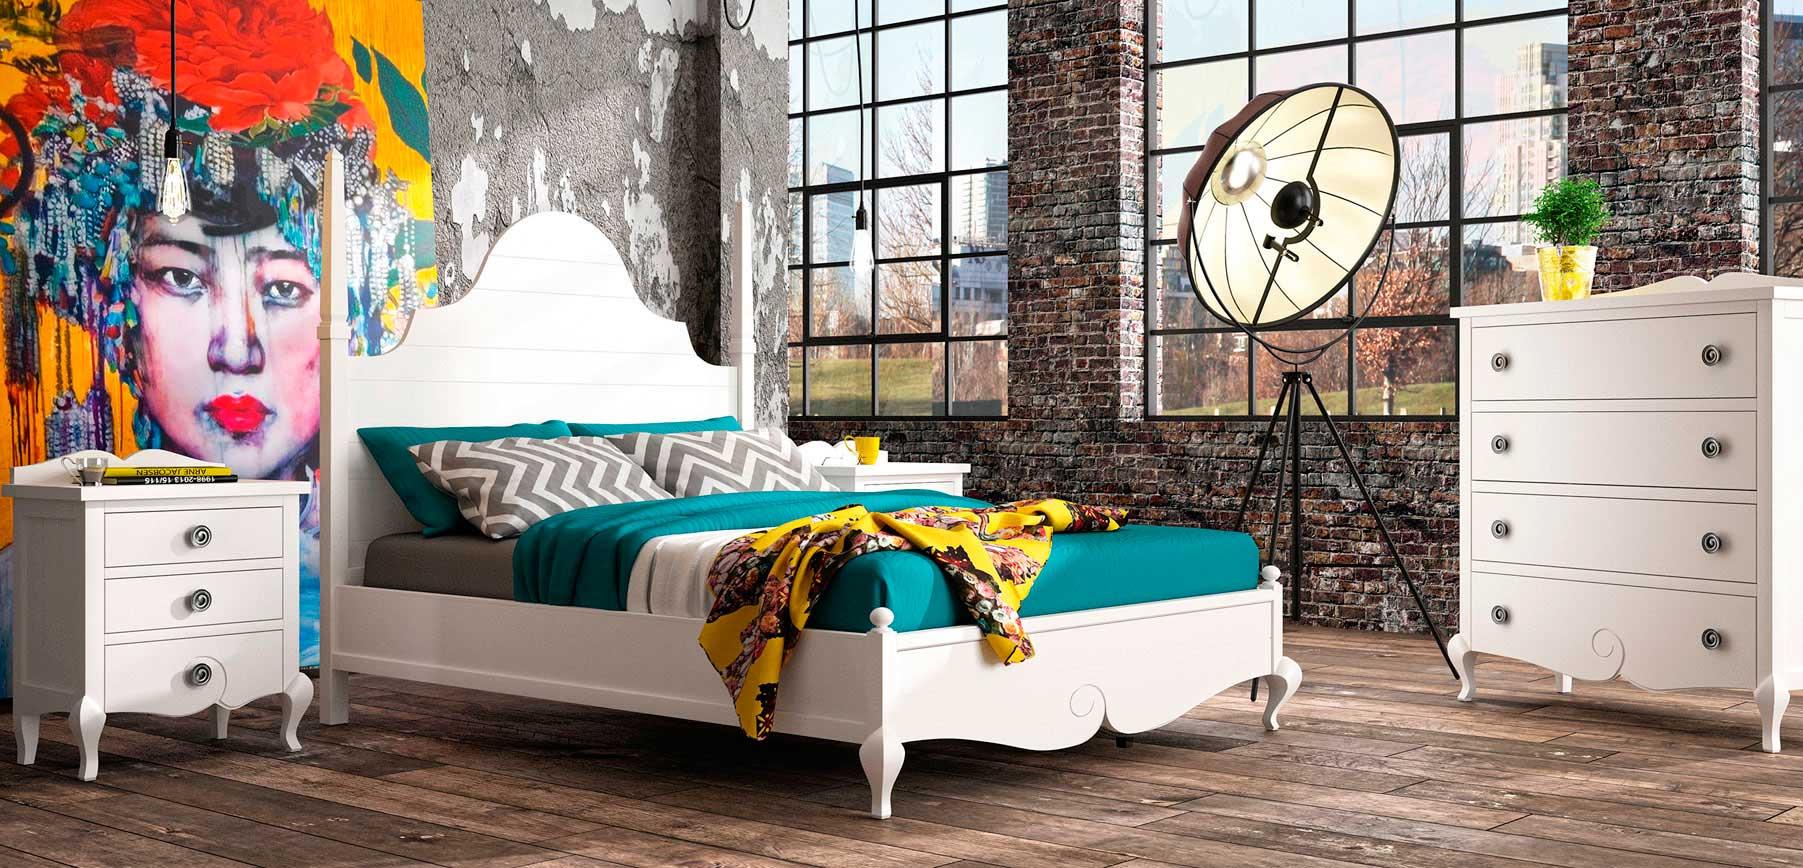 Muebles GRUPOSEYS - Muebles de Comedor, Dormitorios y Juveniles | Furniture | Meubles | мебель seys-3-optim Inicio